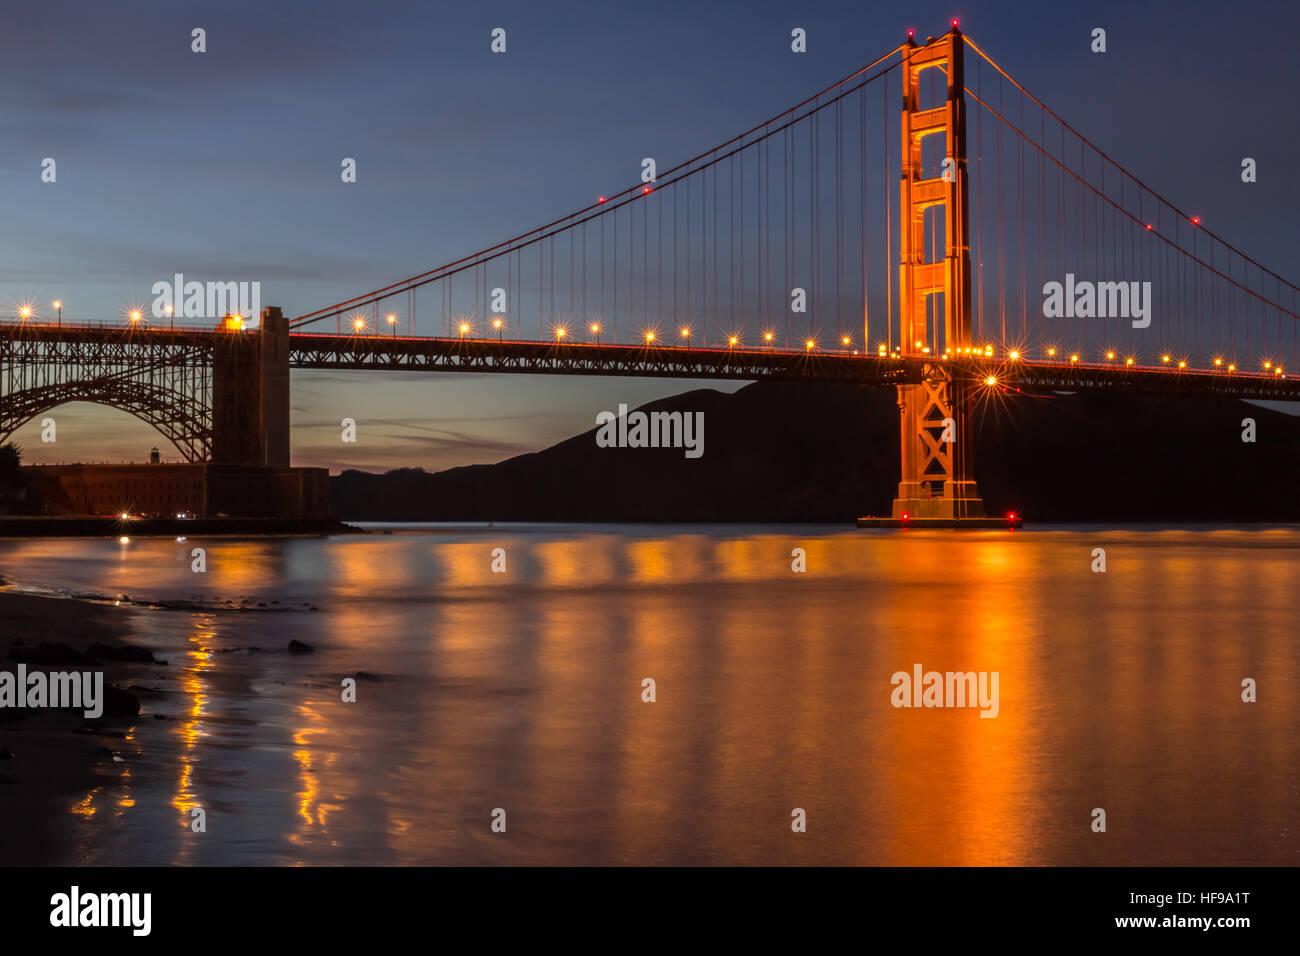 Golden Gate Bridge und Wasserspiegelungen. Fort Point, San Francisco, Kalifornien, USA Stockbild